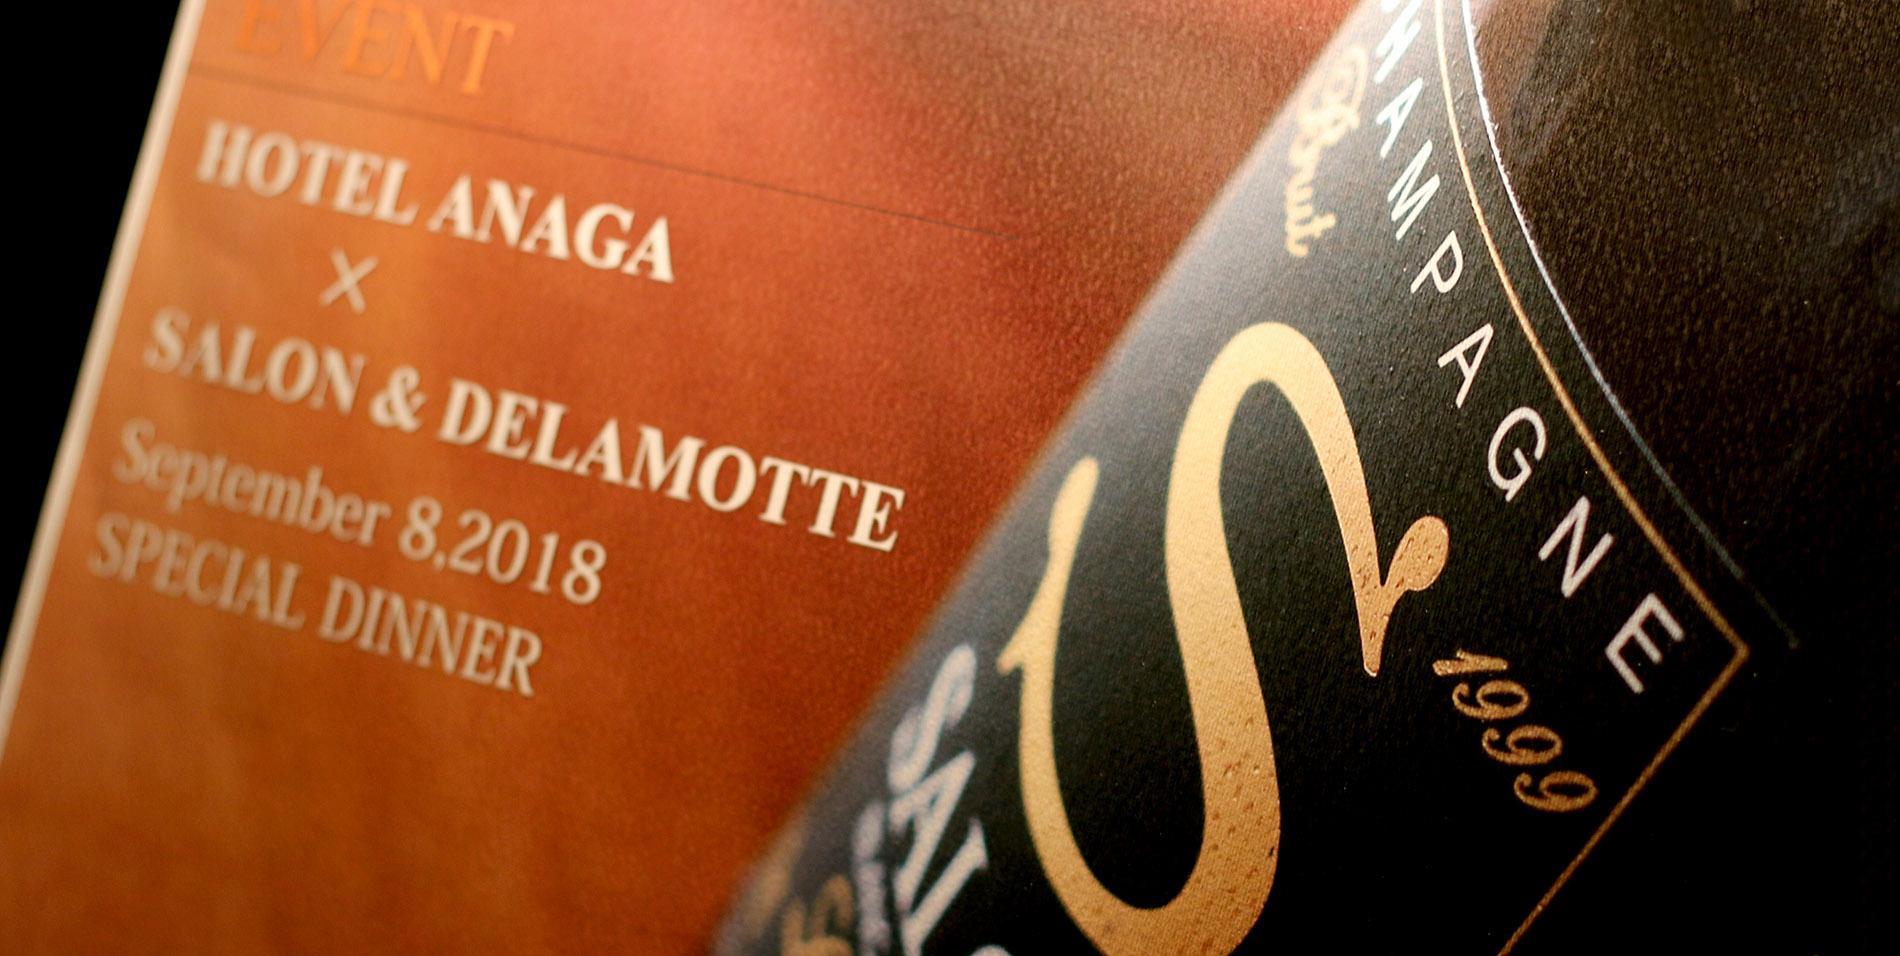 ホテルアナガ × Salon & Delamotte イベントレポート